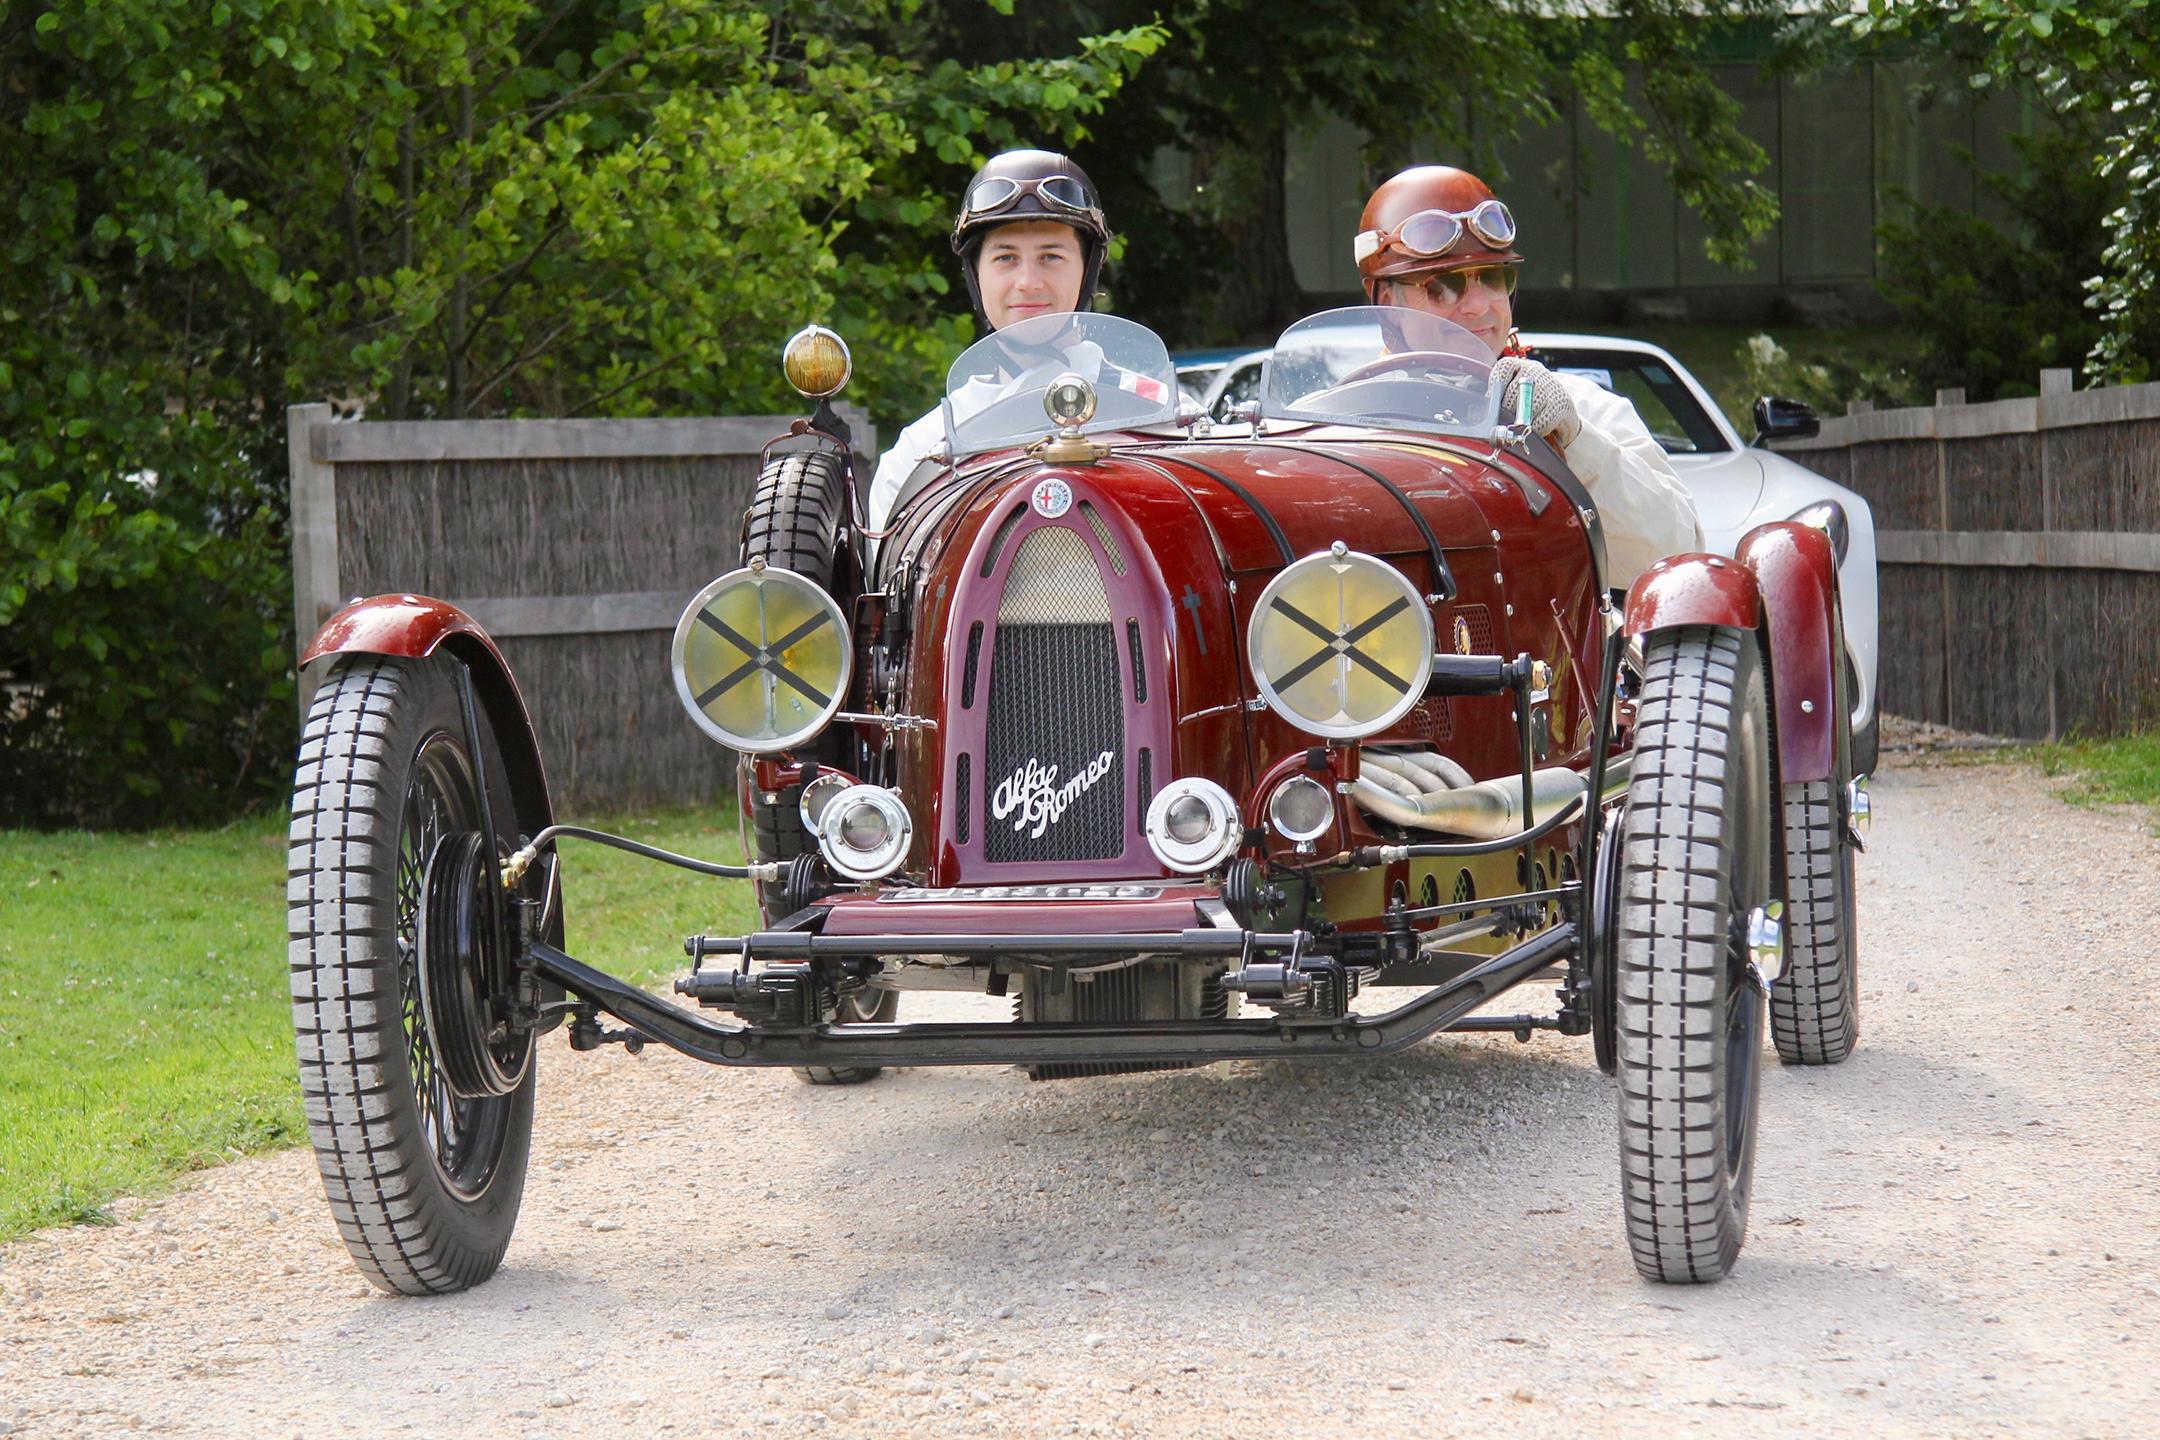 Alfa Romeo Monza Brianza 1934 - Rallye du Coeur 2020 - photo Ludo Ferrari